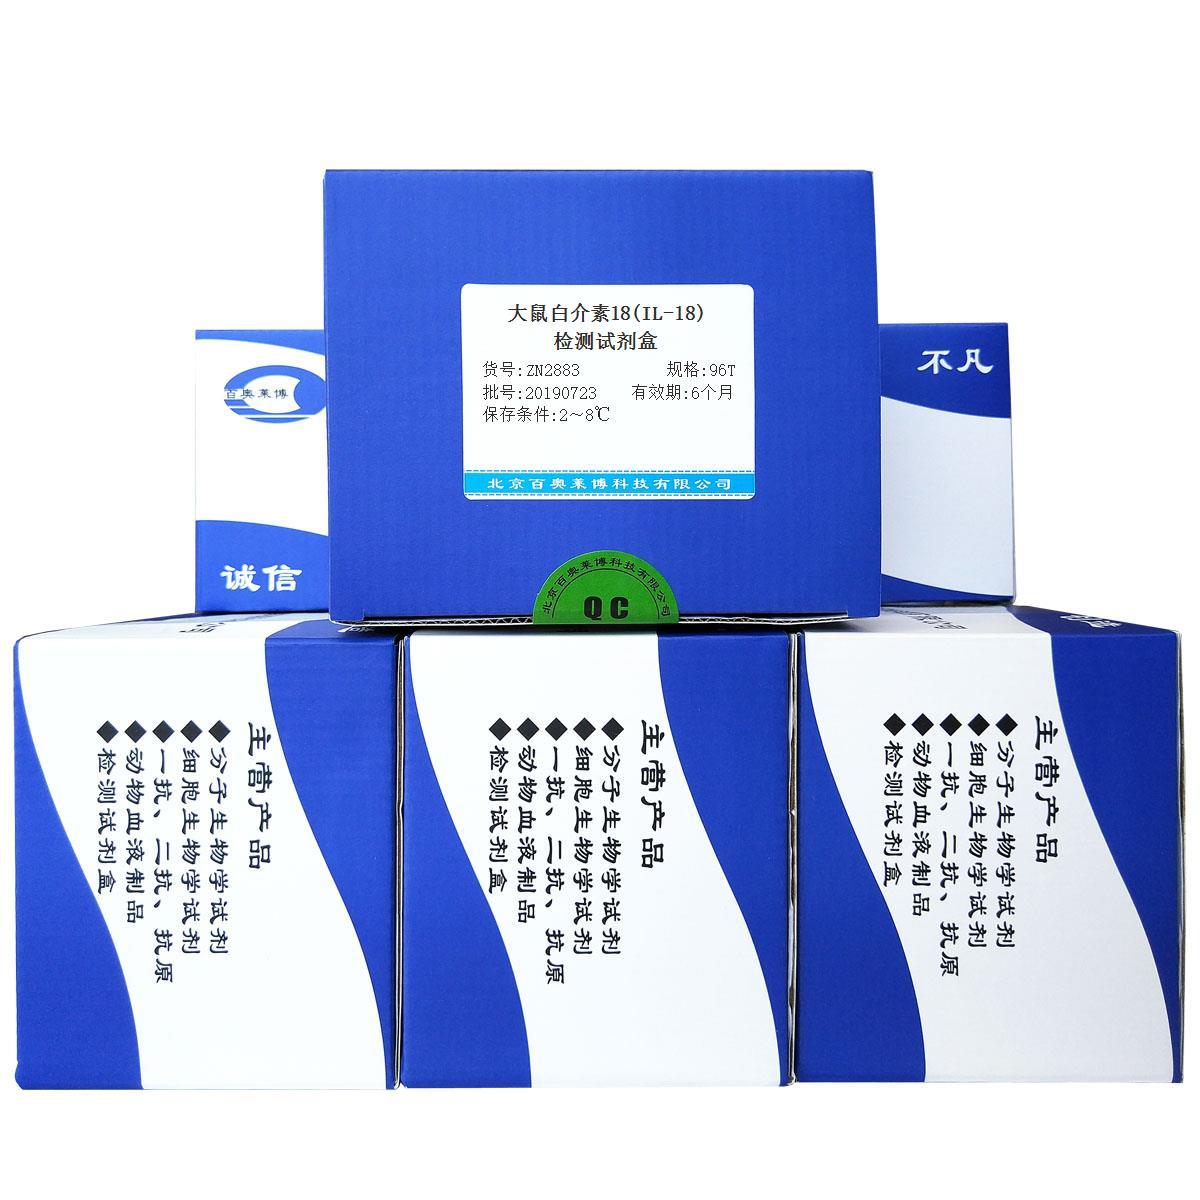 大鼠白介素18(IL-18)检测试剂盒报价